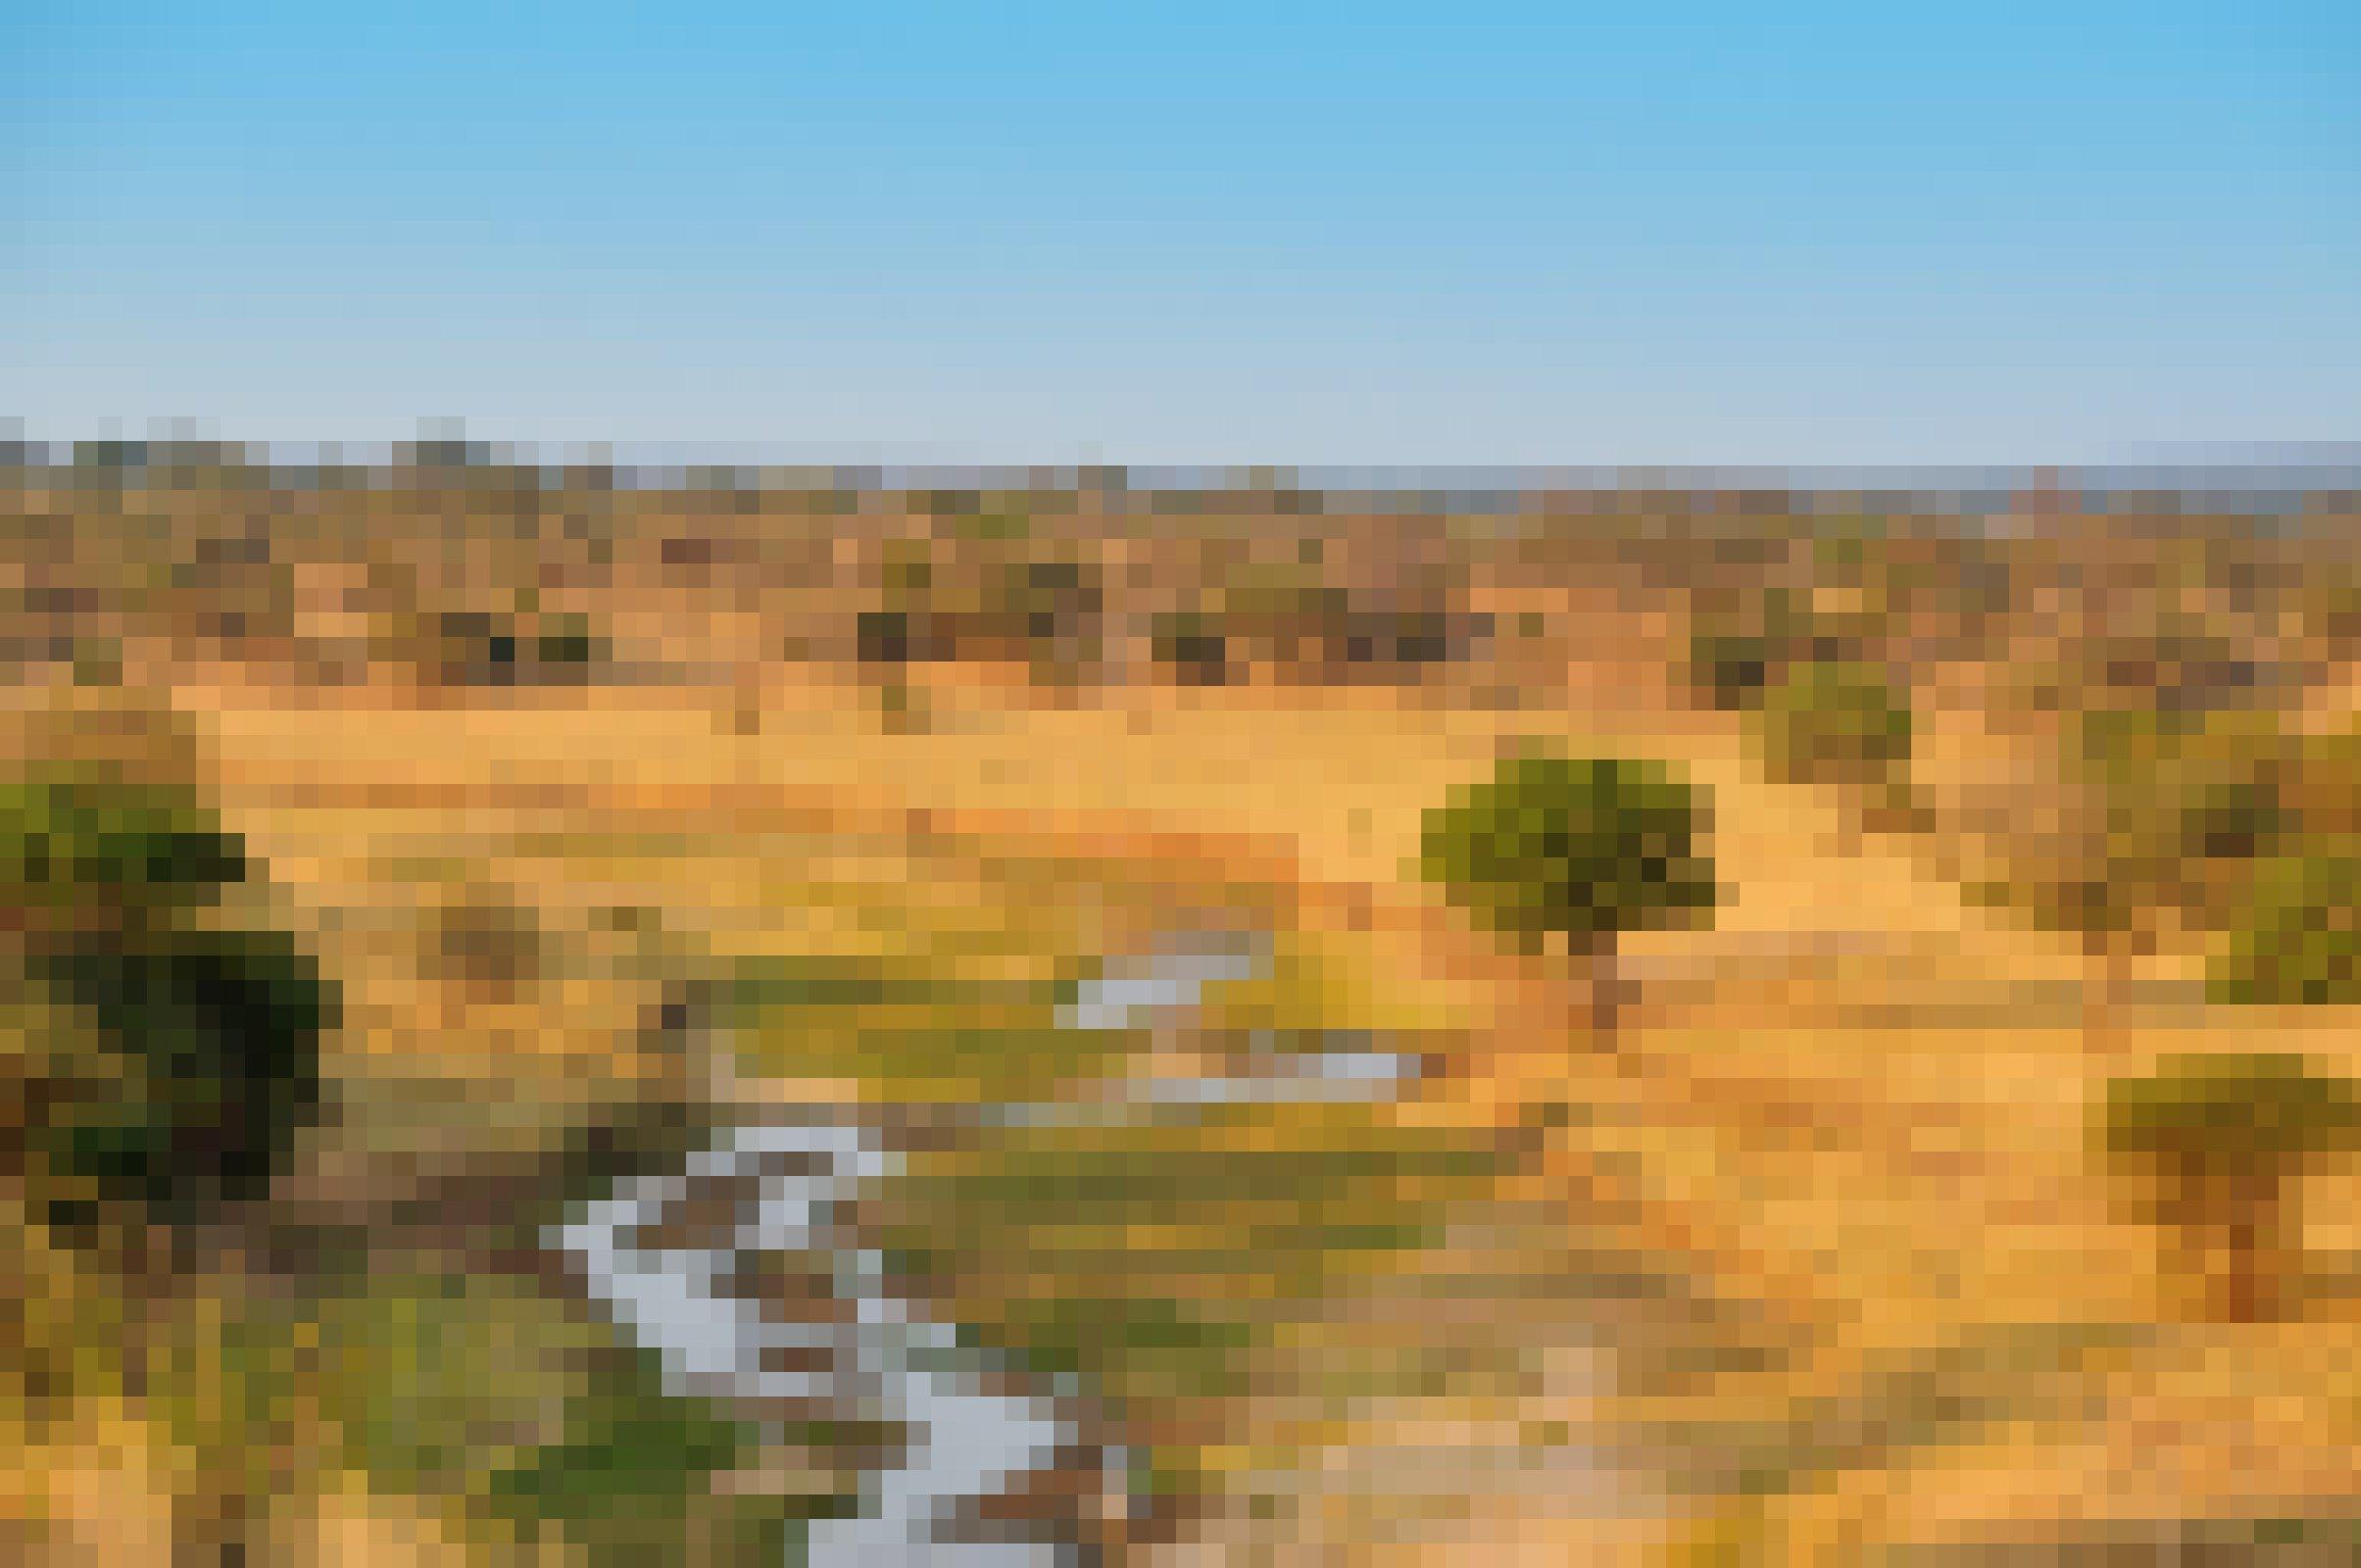 Das Foto zeigt eine afrikanische Landschaft unter blauem Himmel. Im Vordergrund ein Flussbett, das nur noch wenig Wasser führt, mit einigen grünen Bereiche direkt daneben. Es ist umgeben von gelben, vertrockneten Grasflächen, aus denen blassgrüne Bäume aufragen, die sich bis zum Horizont erstrecken.